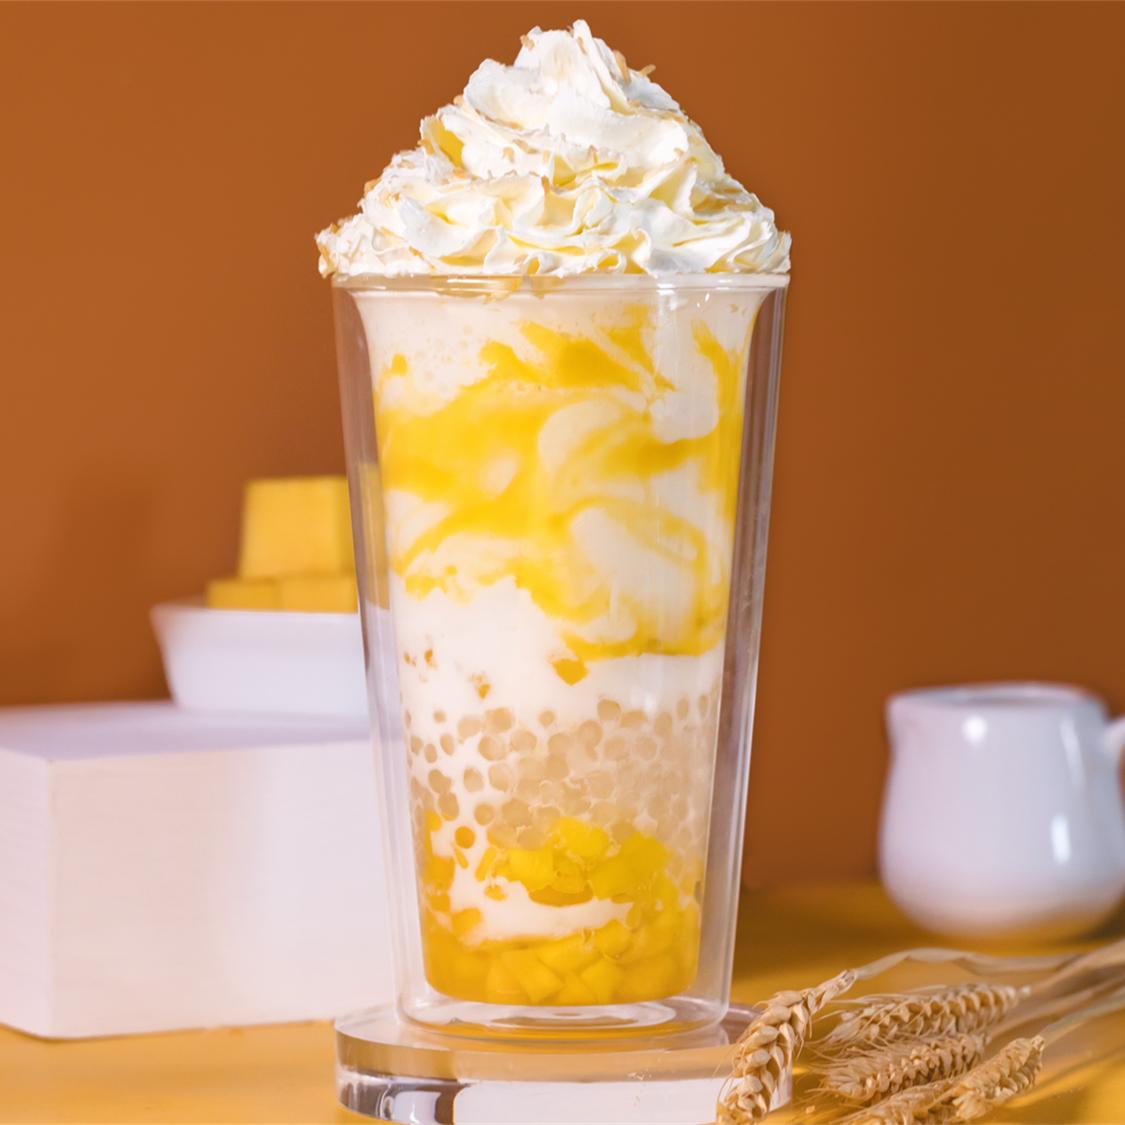 雪顶芒果鲜奶